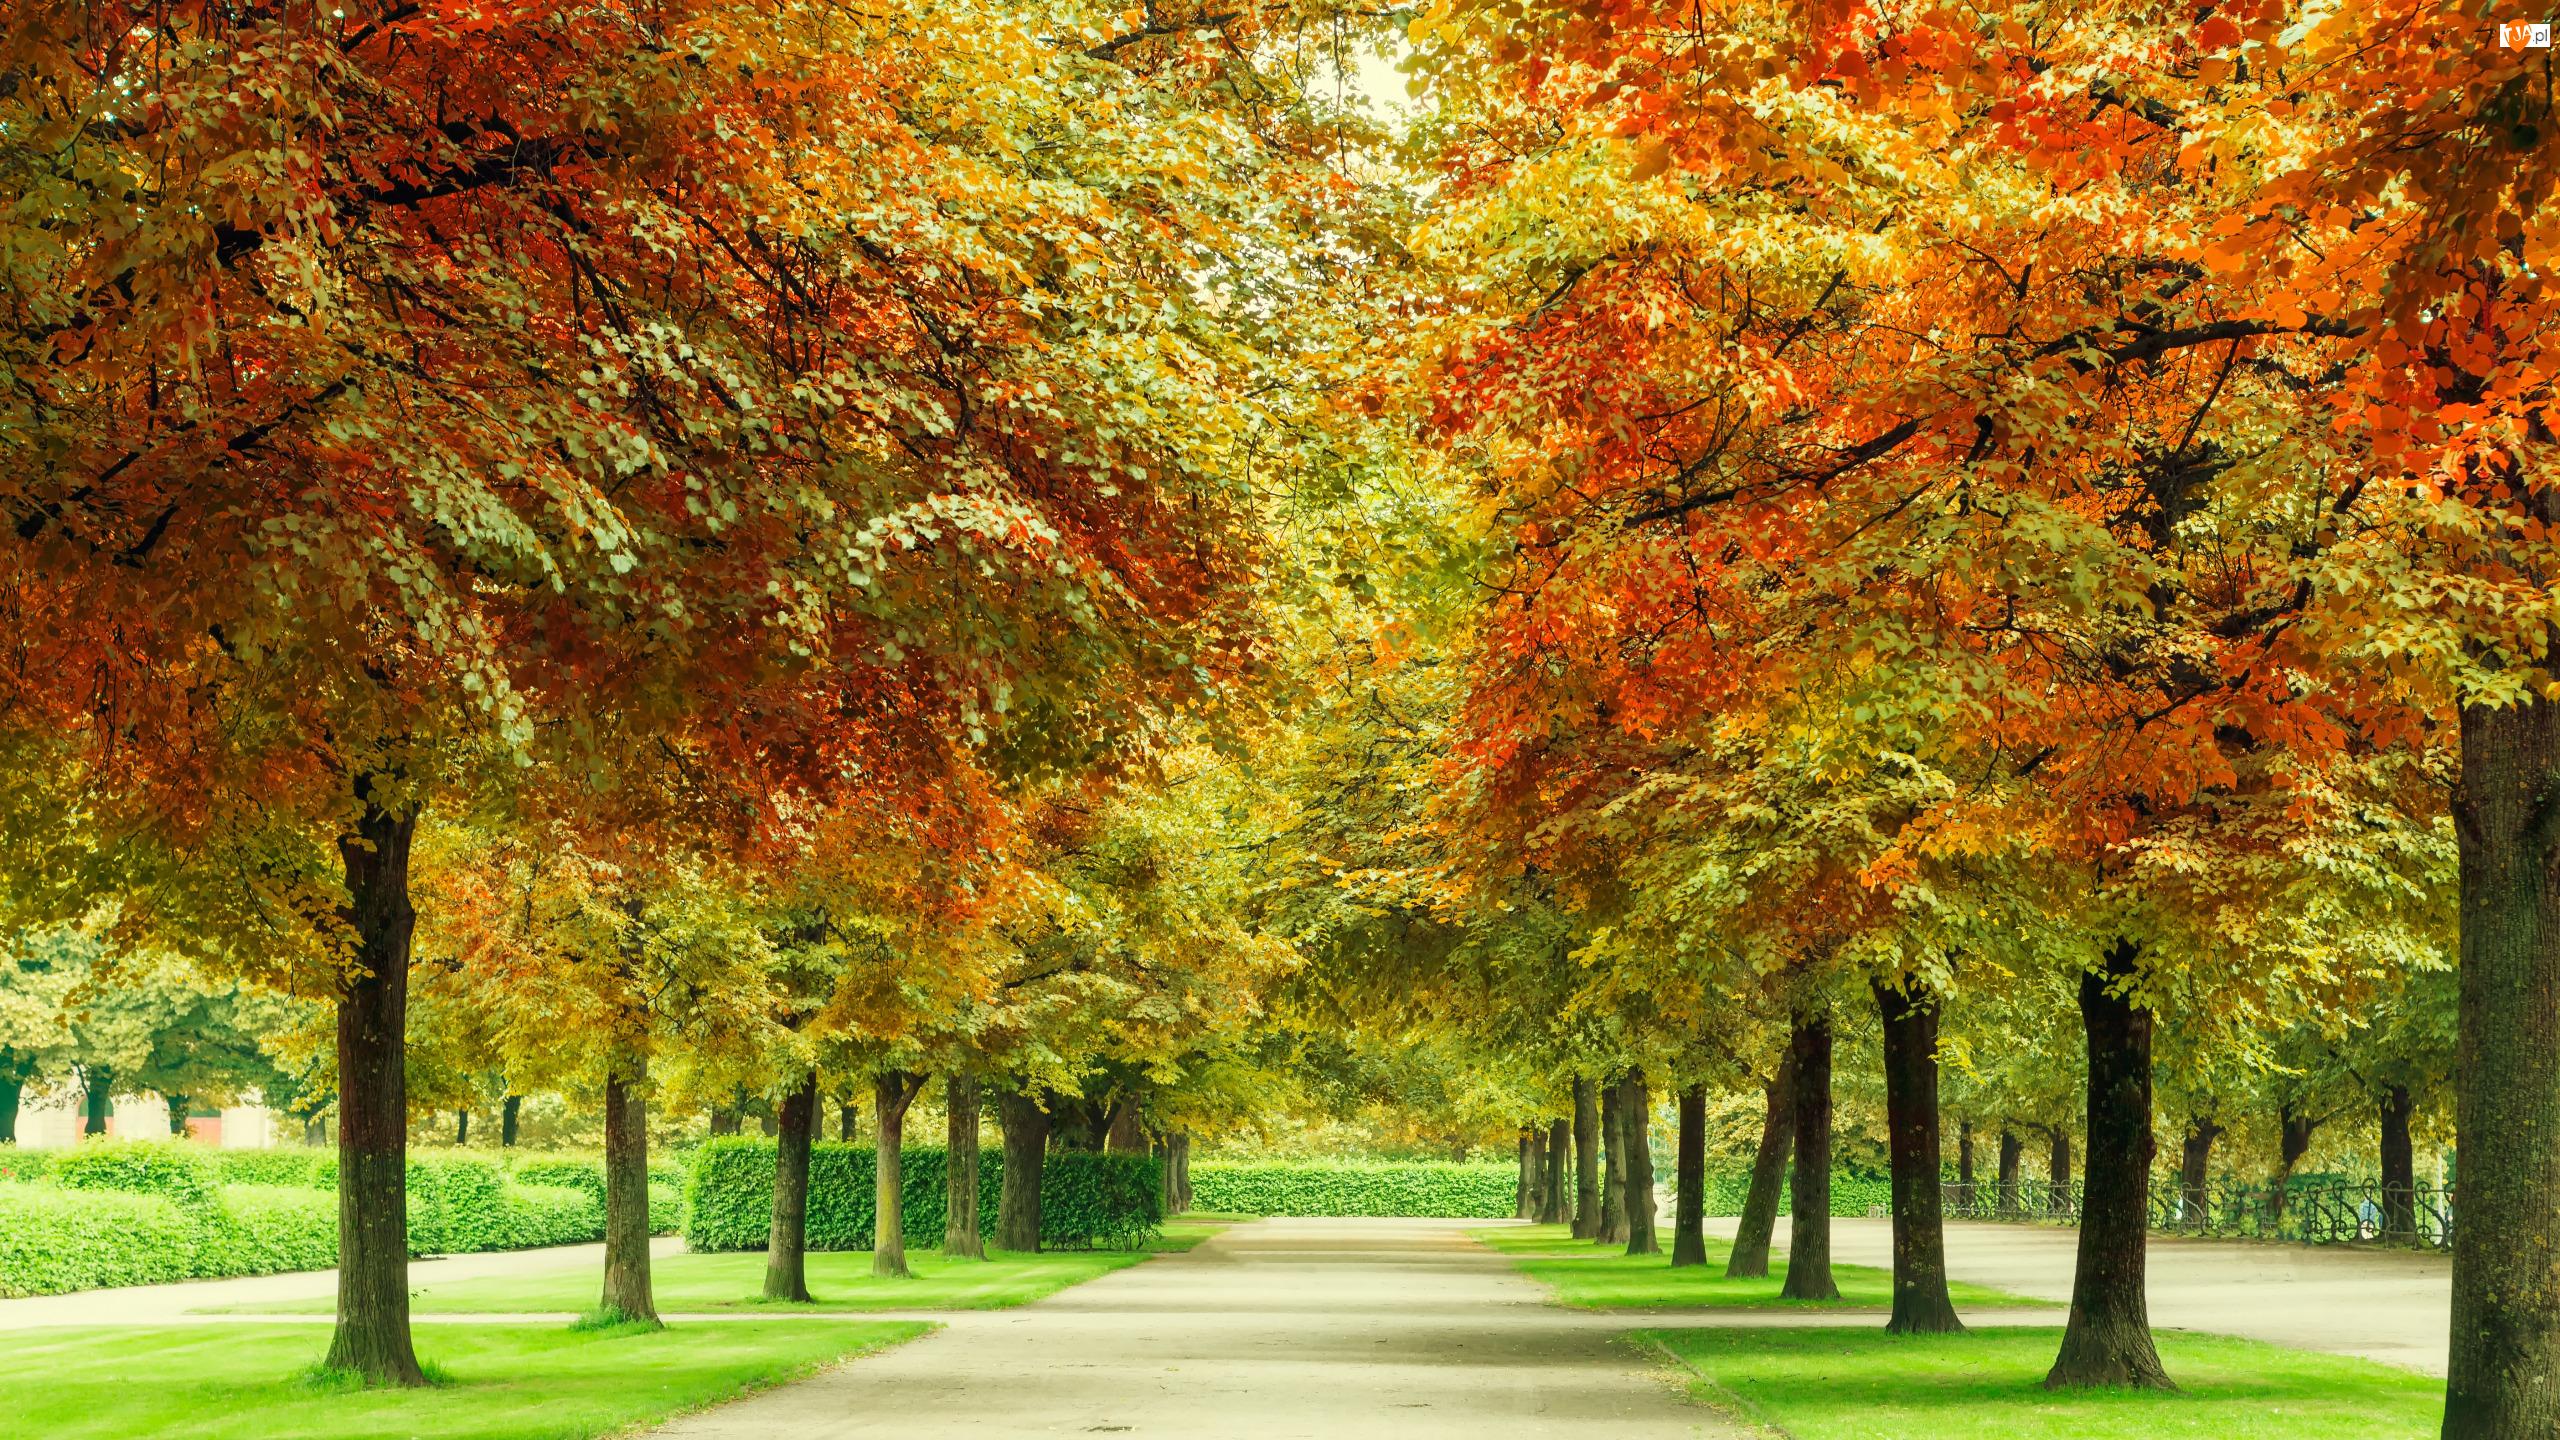 Park, Jesień, Drzewa, Liście, Alejka, Kolorowe